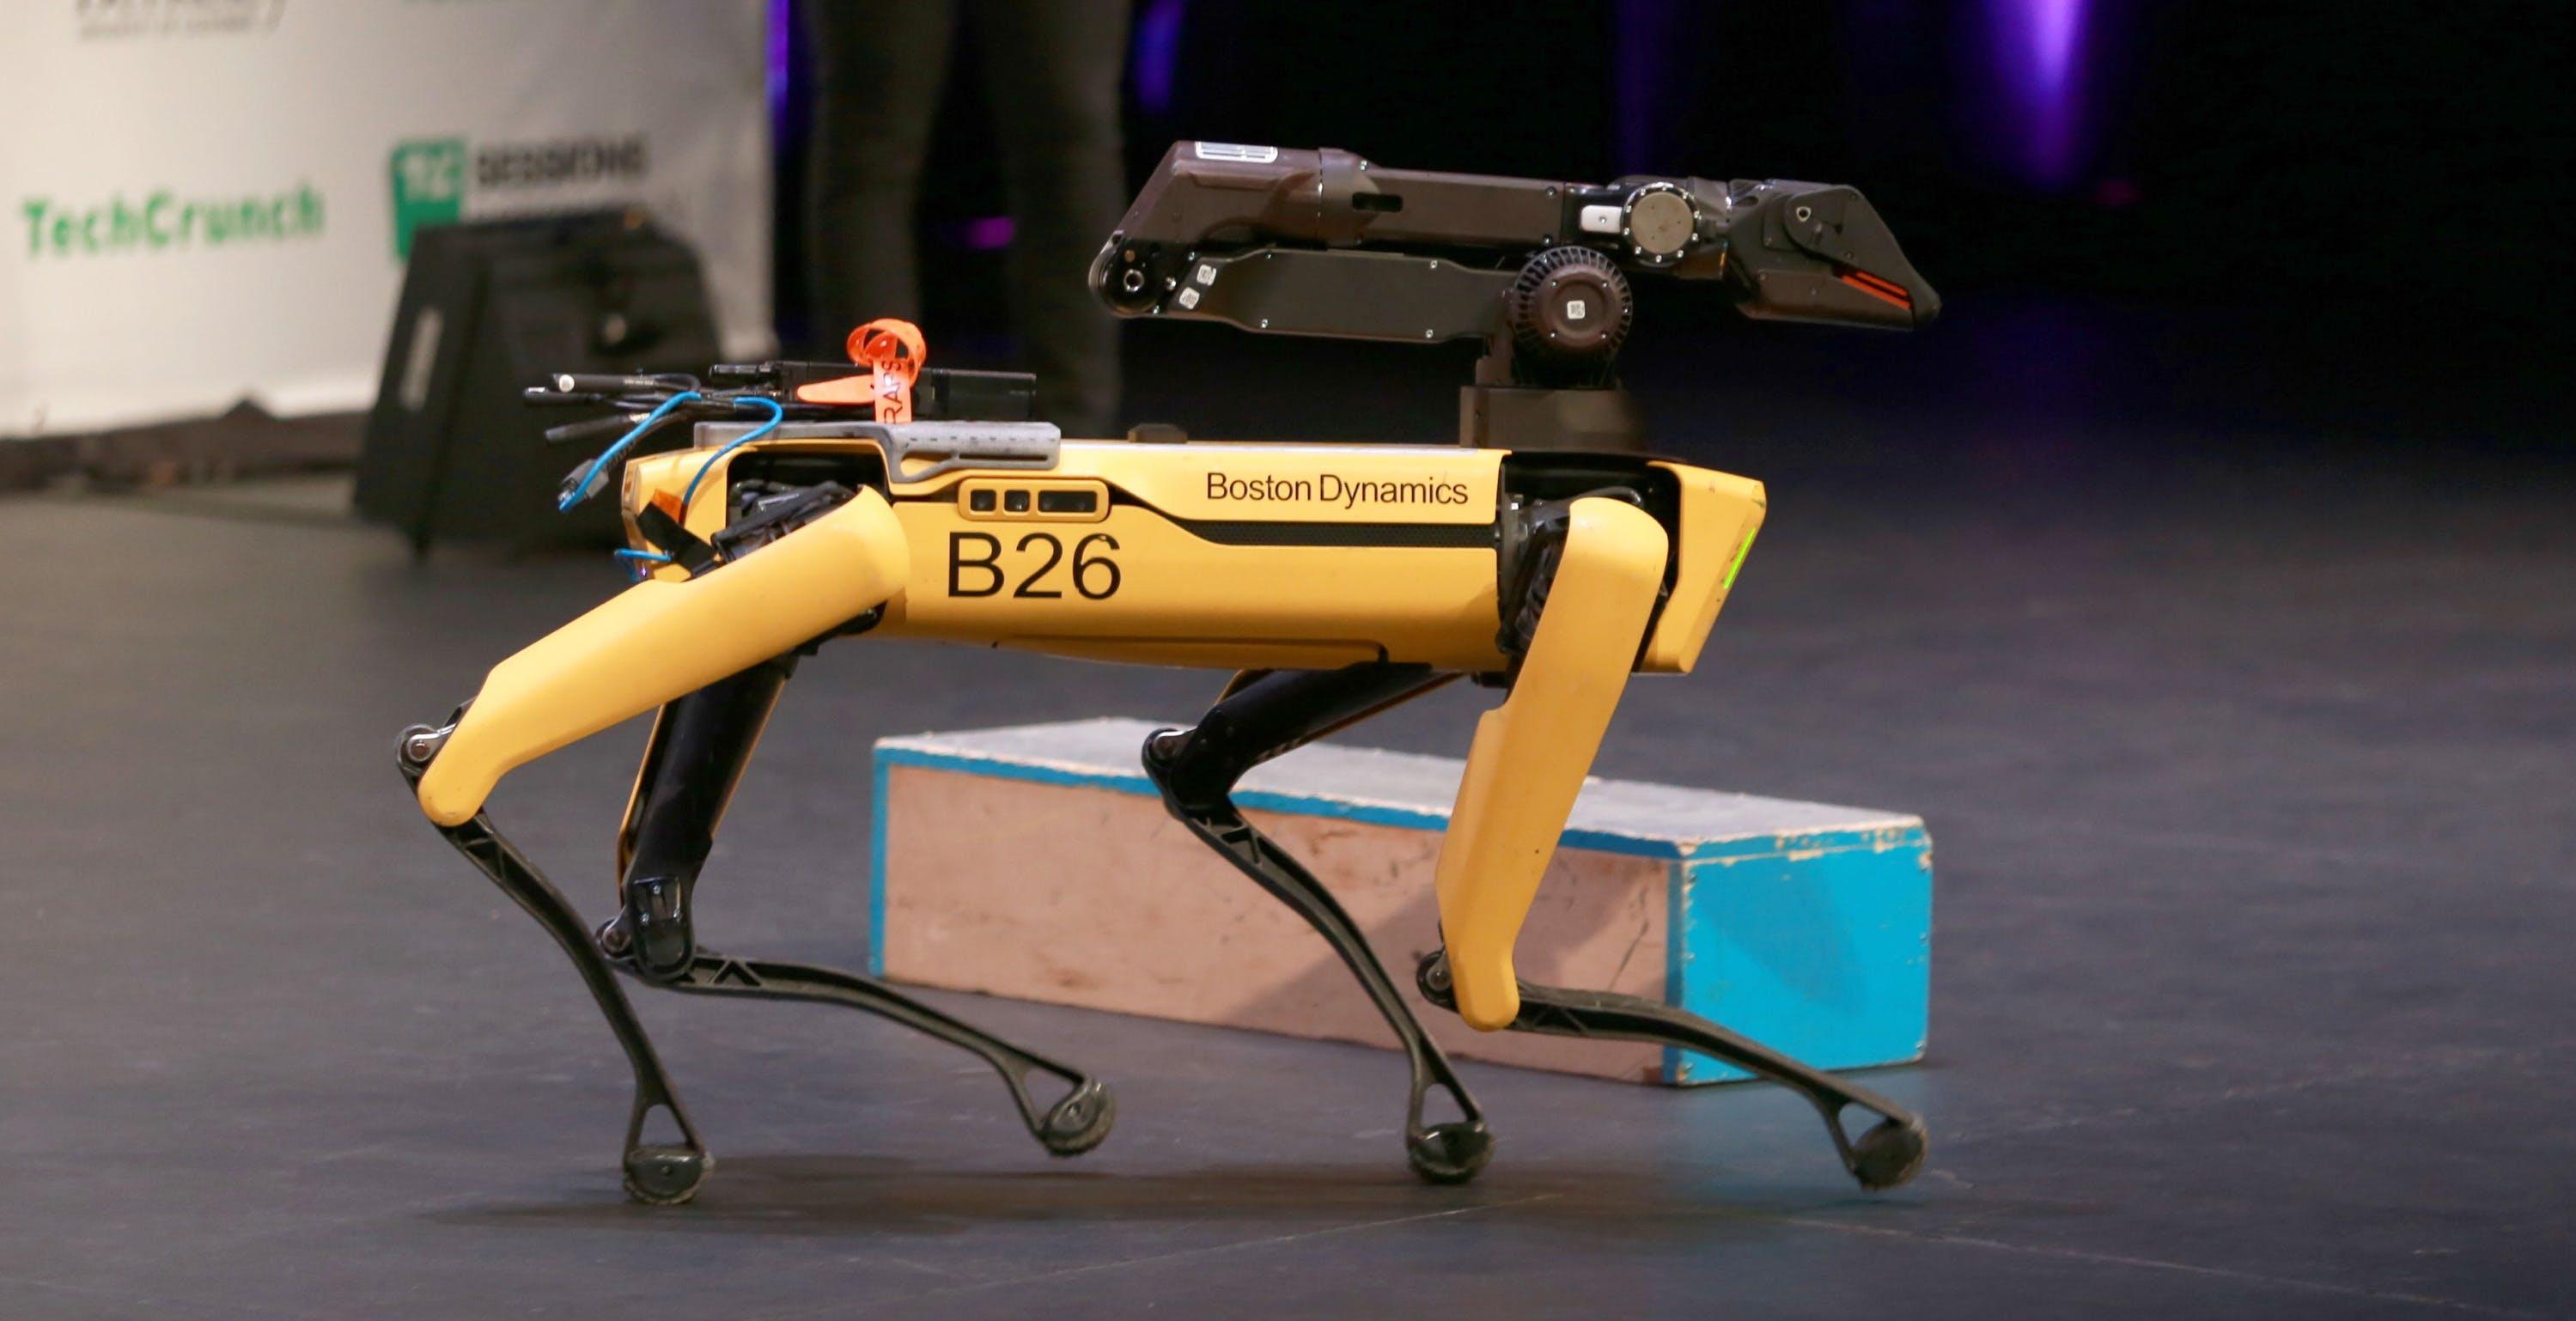 Ricordate il cane robot di Boston Dynamics? Da oggi è in vendita, ma occhio al prezzo